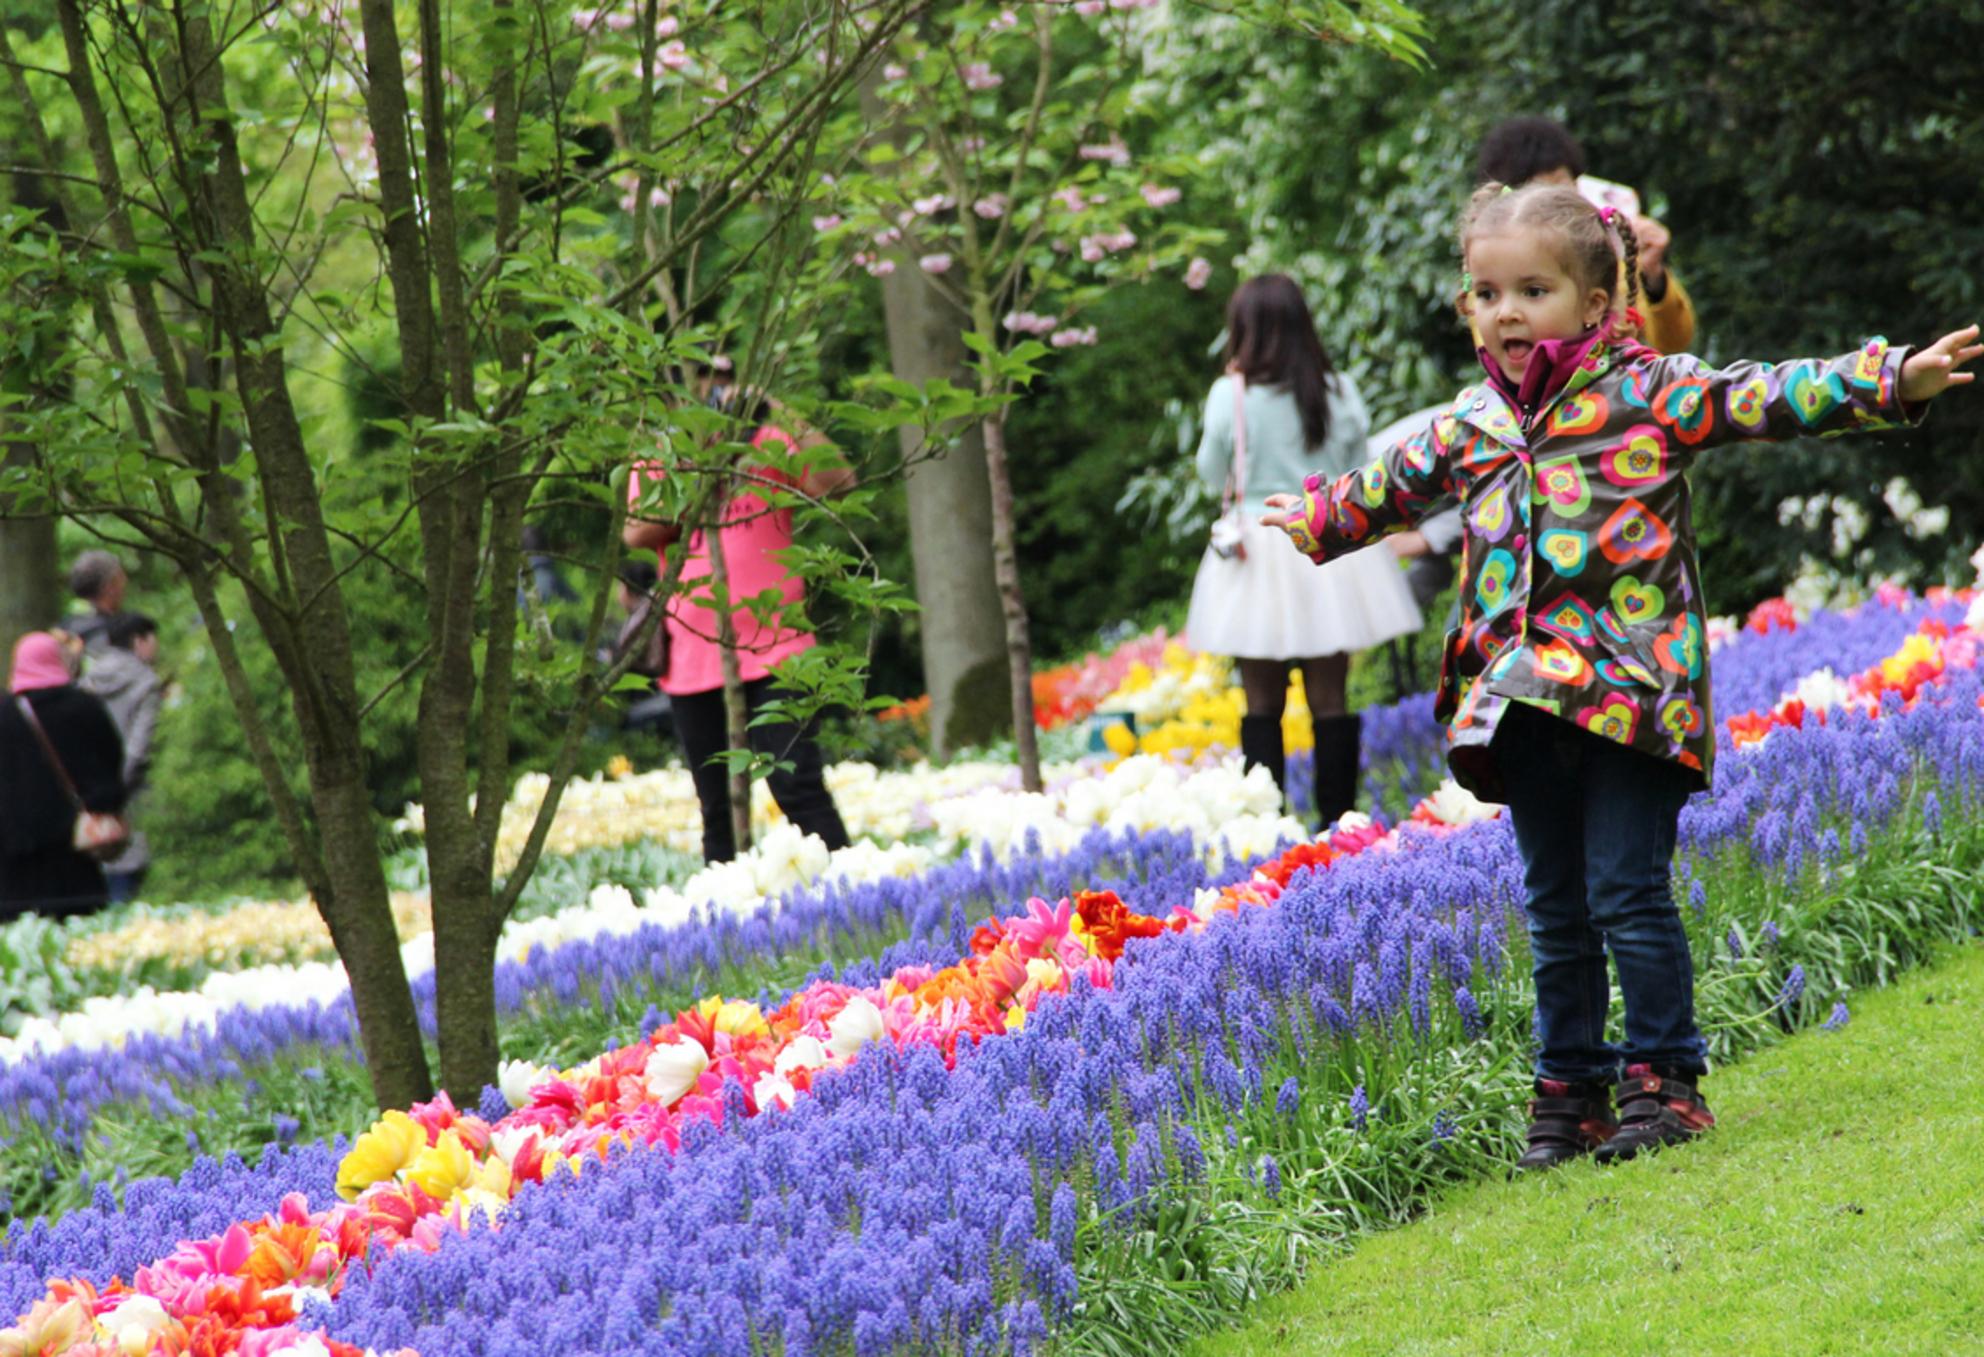 Meisje bij keukenhof - Keukenhof 2014 - foto door Michelle93 op 19-06-2014 - deze foto bevat: groen, lucht, zon, bloem, lente, geel, licht, tulp, jas, zomer, voorjaar, lachen, meisje, vrolijk, kindje, blij, gekleurd, armen, staan - Deze foto mag gebruikt worden in een Zoom.nl publicatie